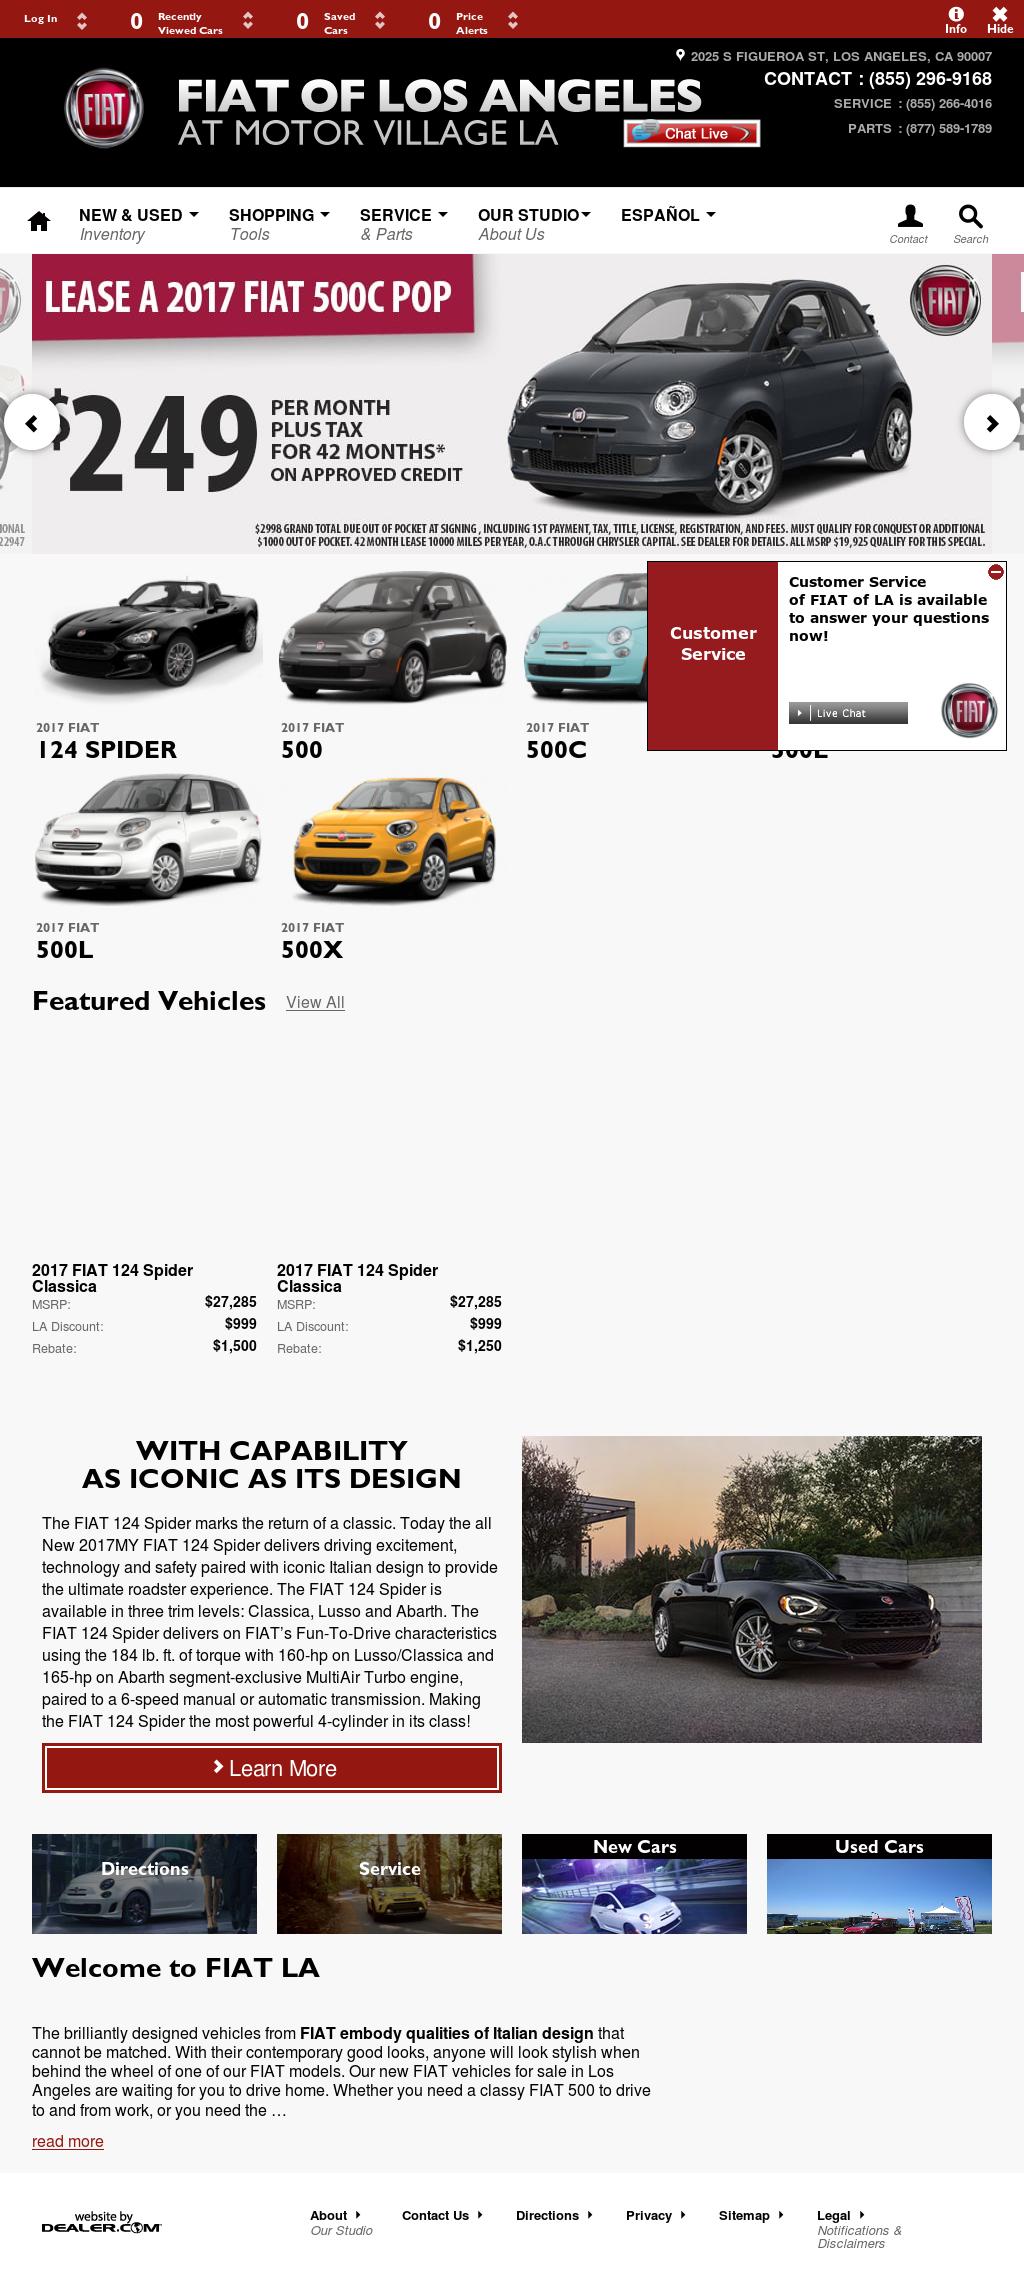 Motor Village La >> Fiat Of Los Angeles At Motor Village La Competitors Revenue